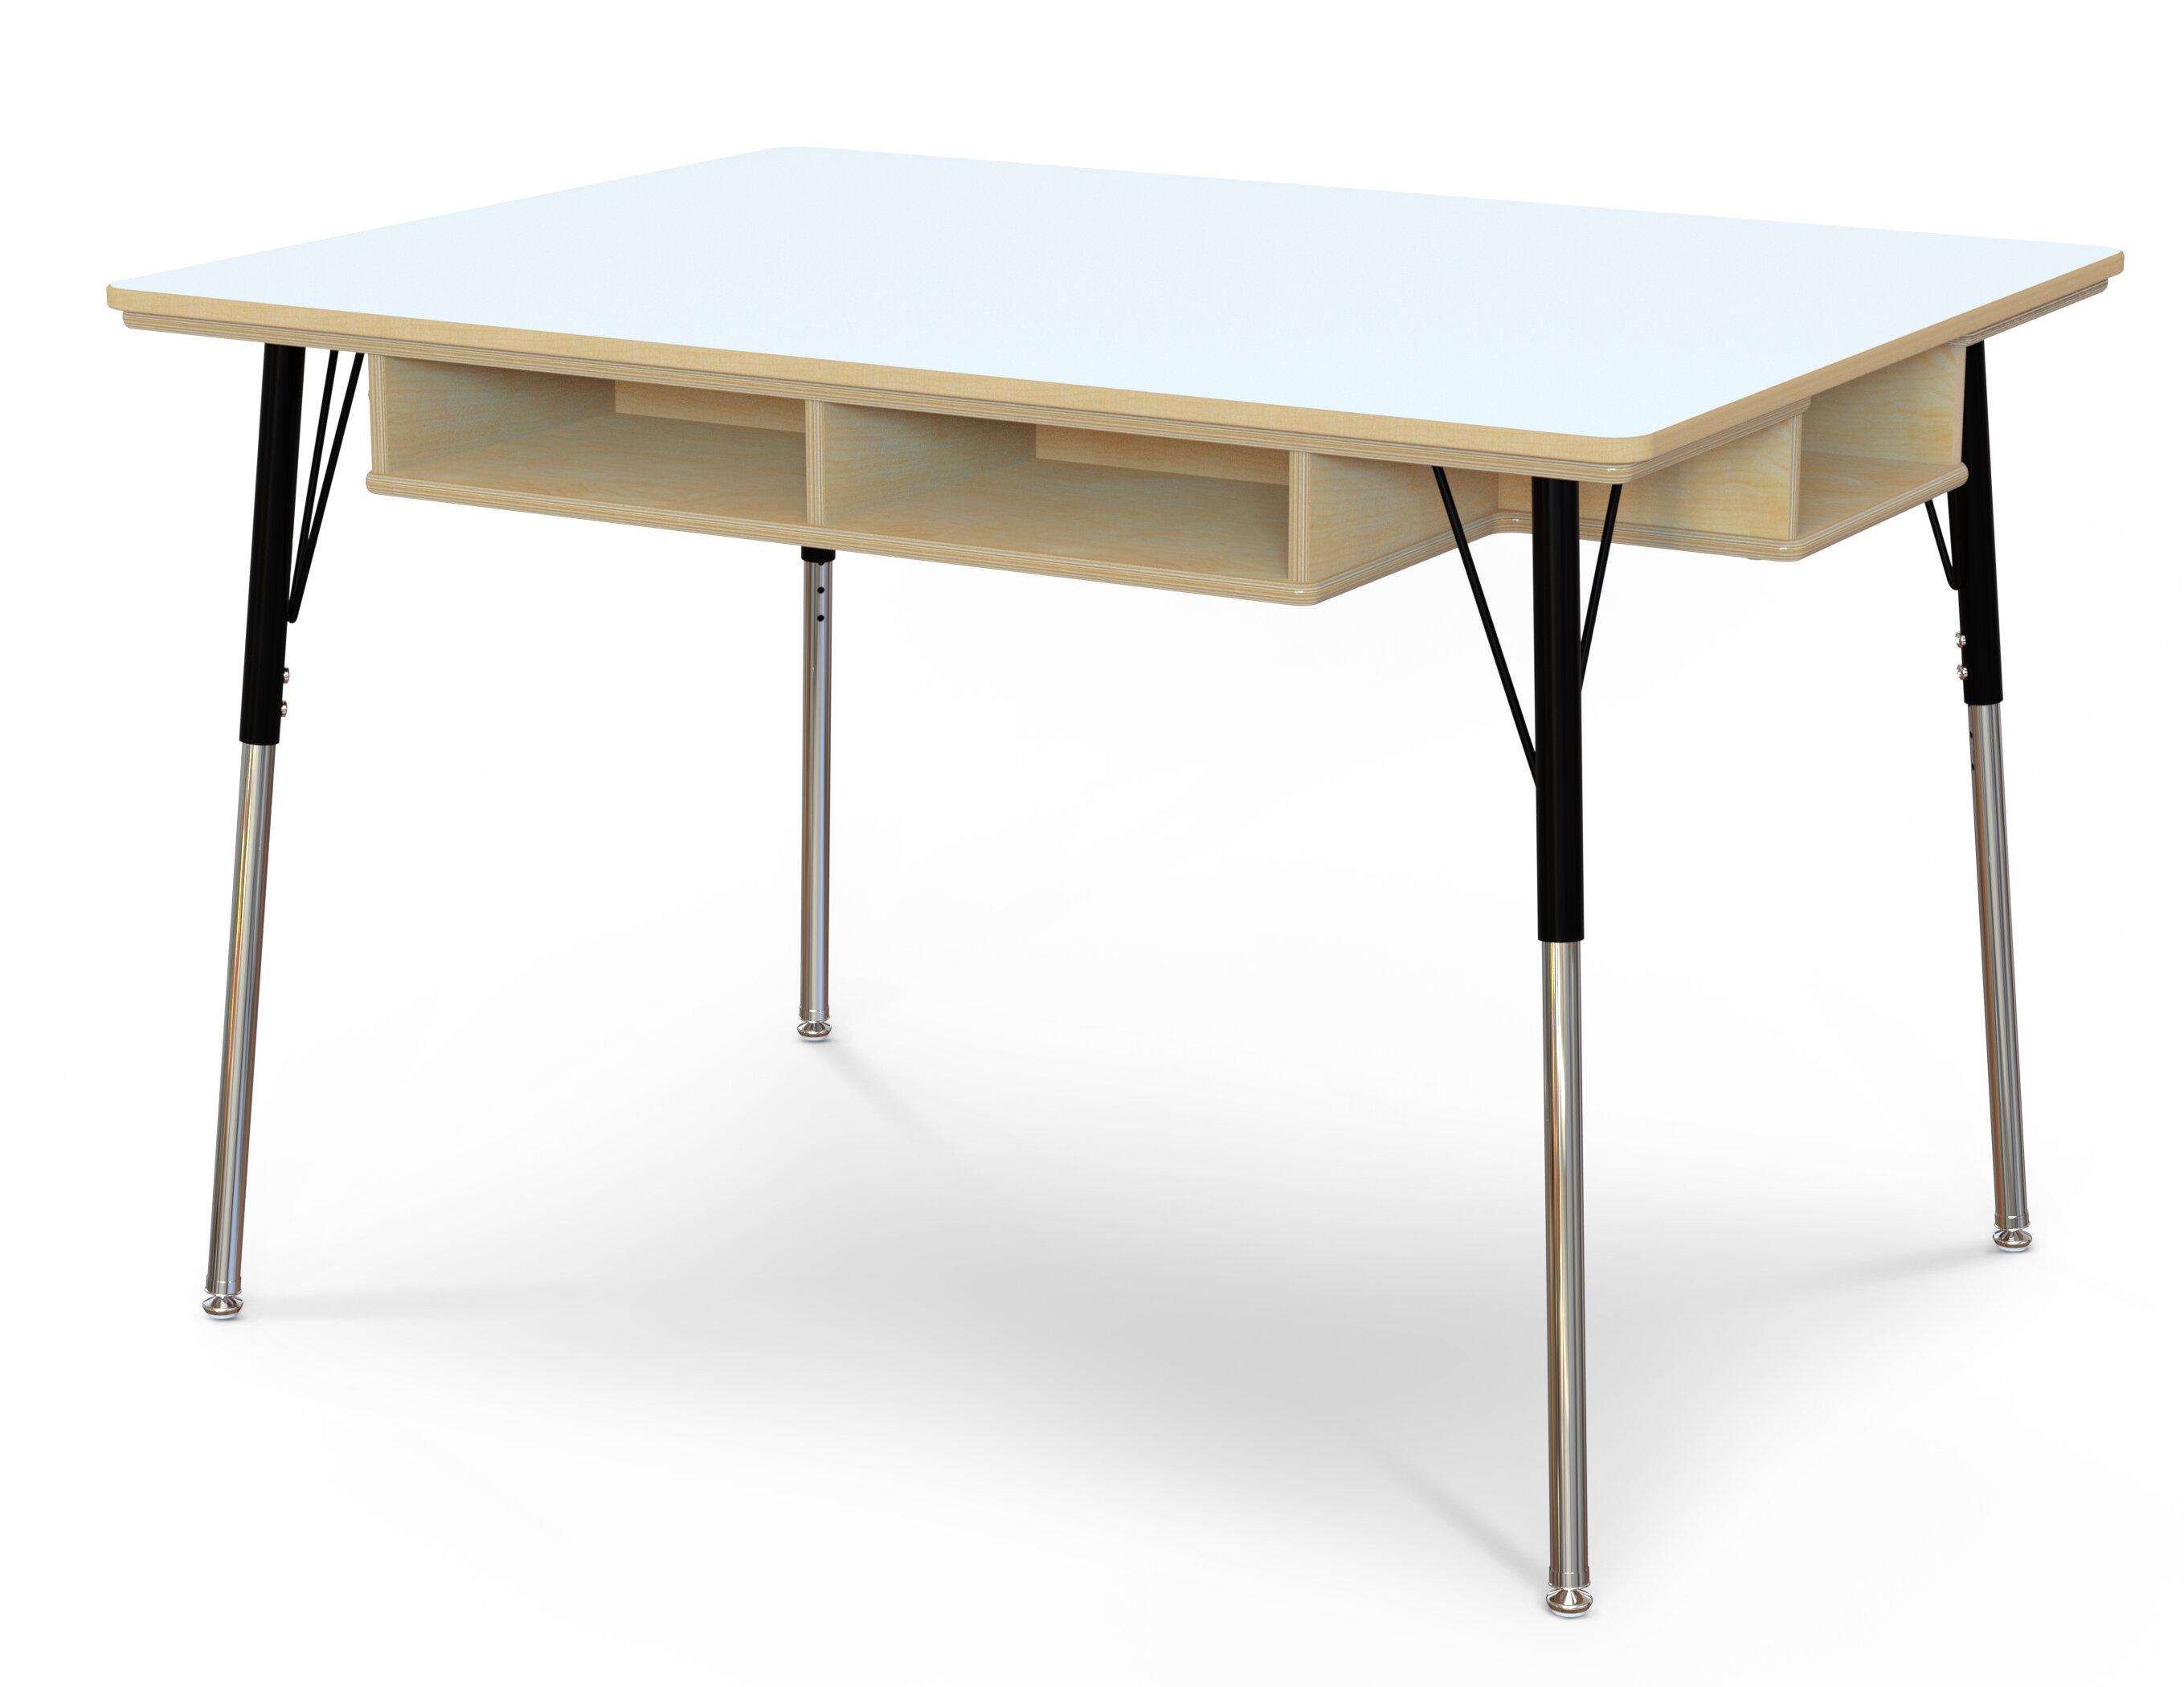 Jonti Craft 36 X 24 Adjustable Height Rectangular Activity Table Reviews Wayfair